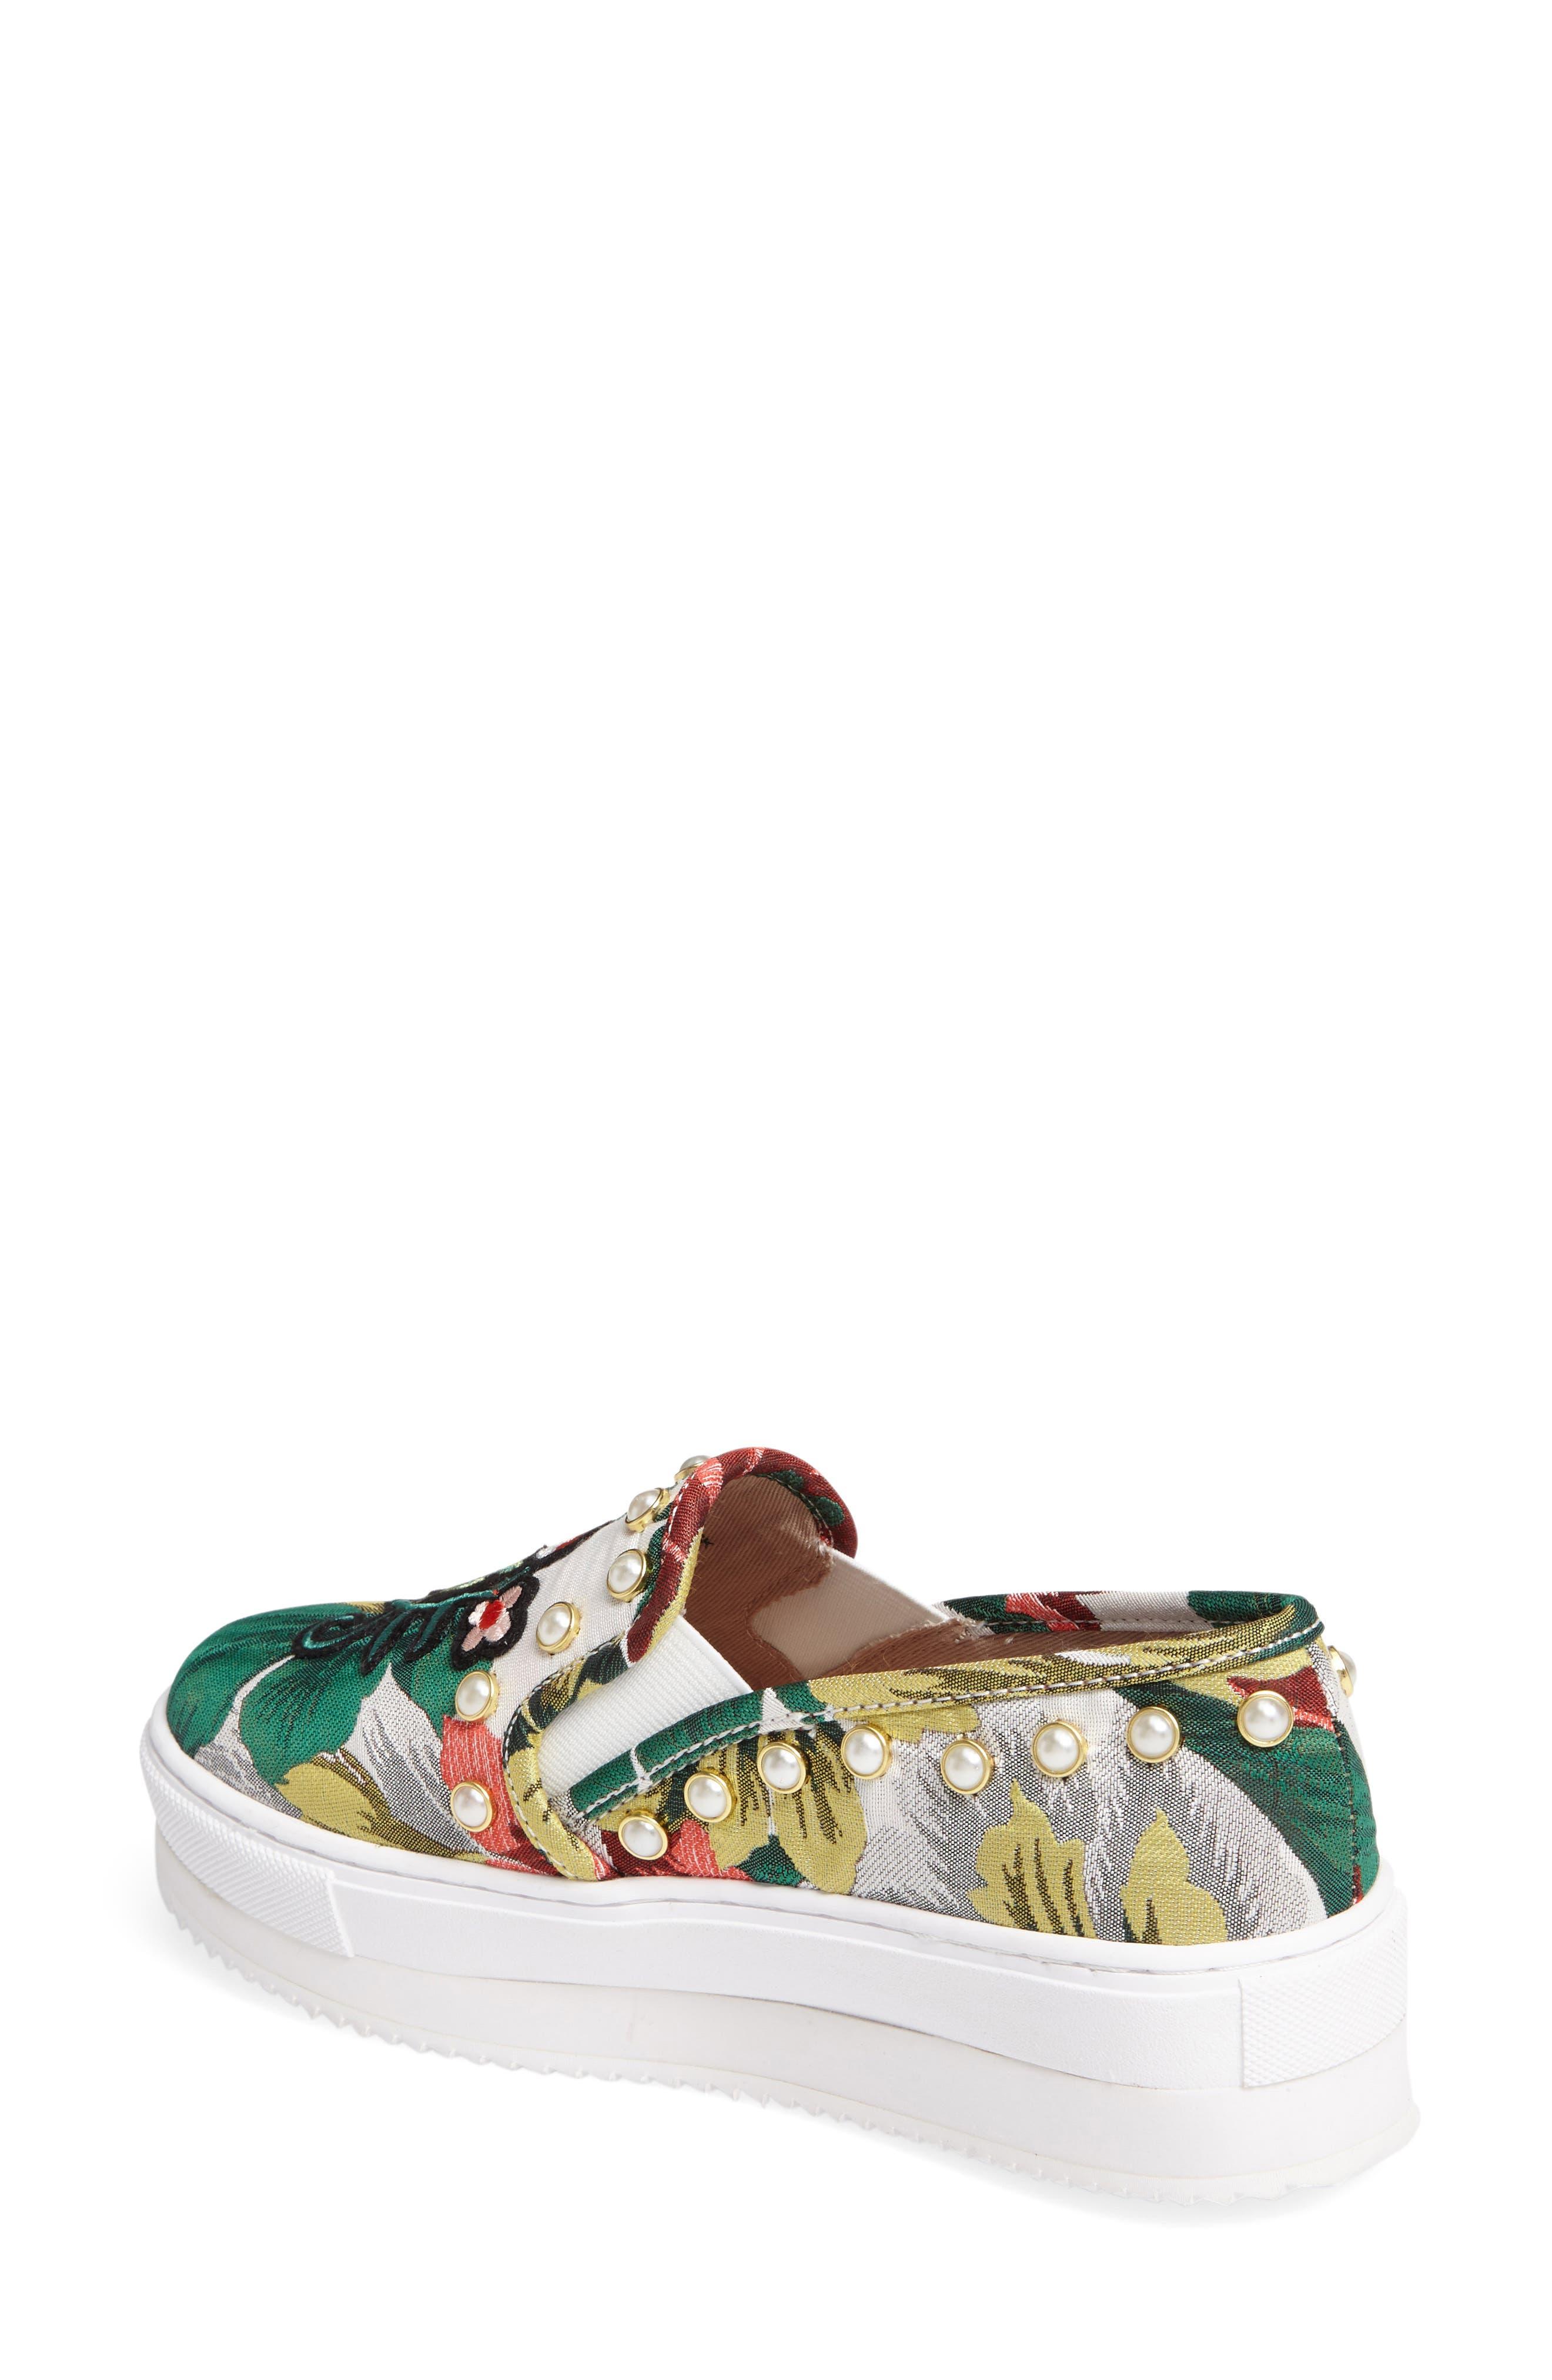 Alternate Image 2  - Steve Madden Slick-P Platform Slip-On Sneaker (Women)